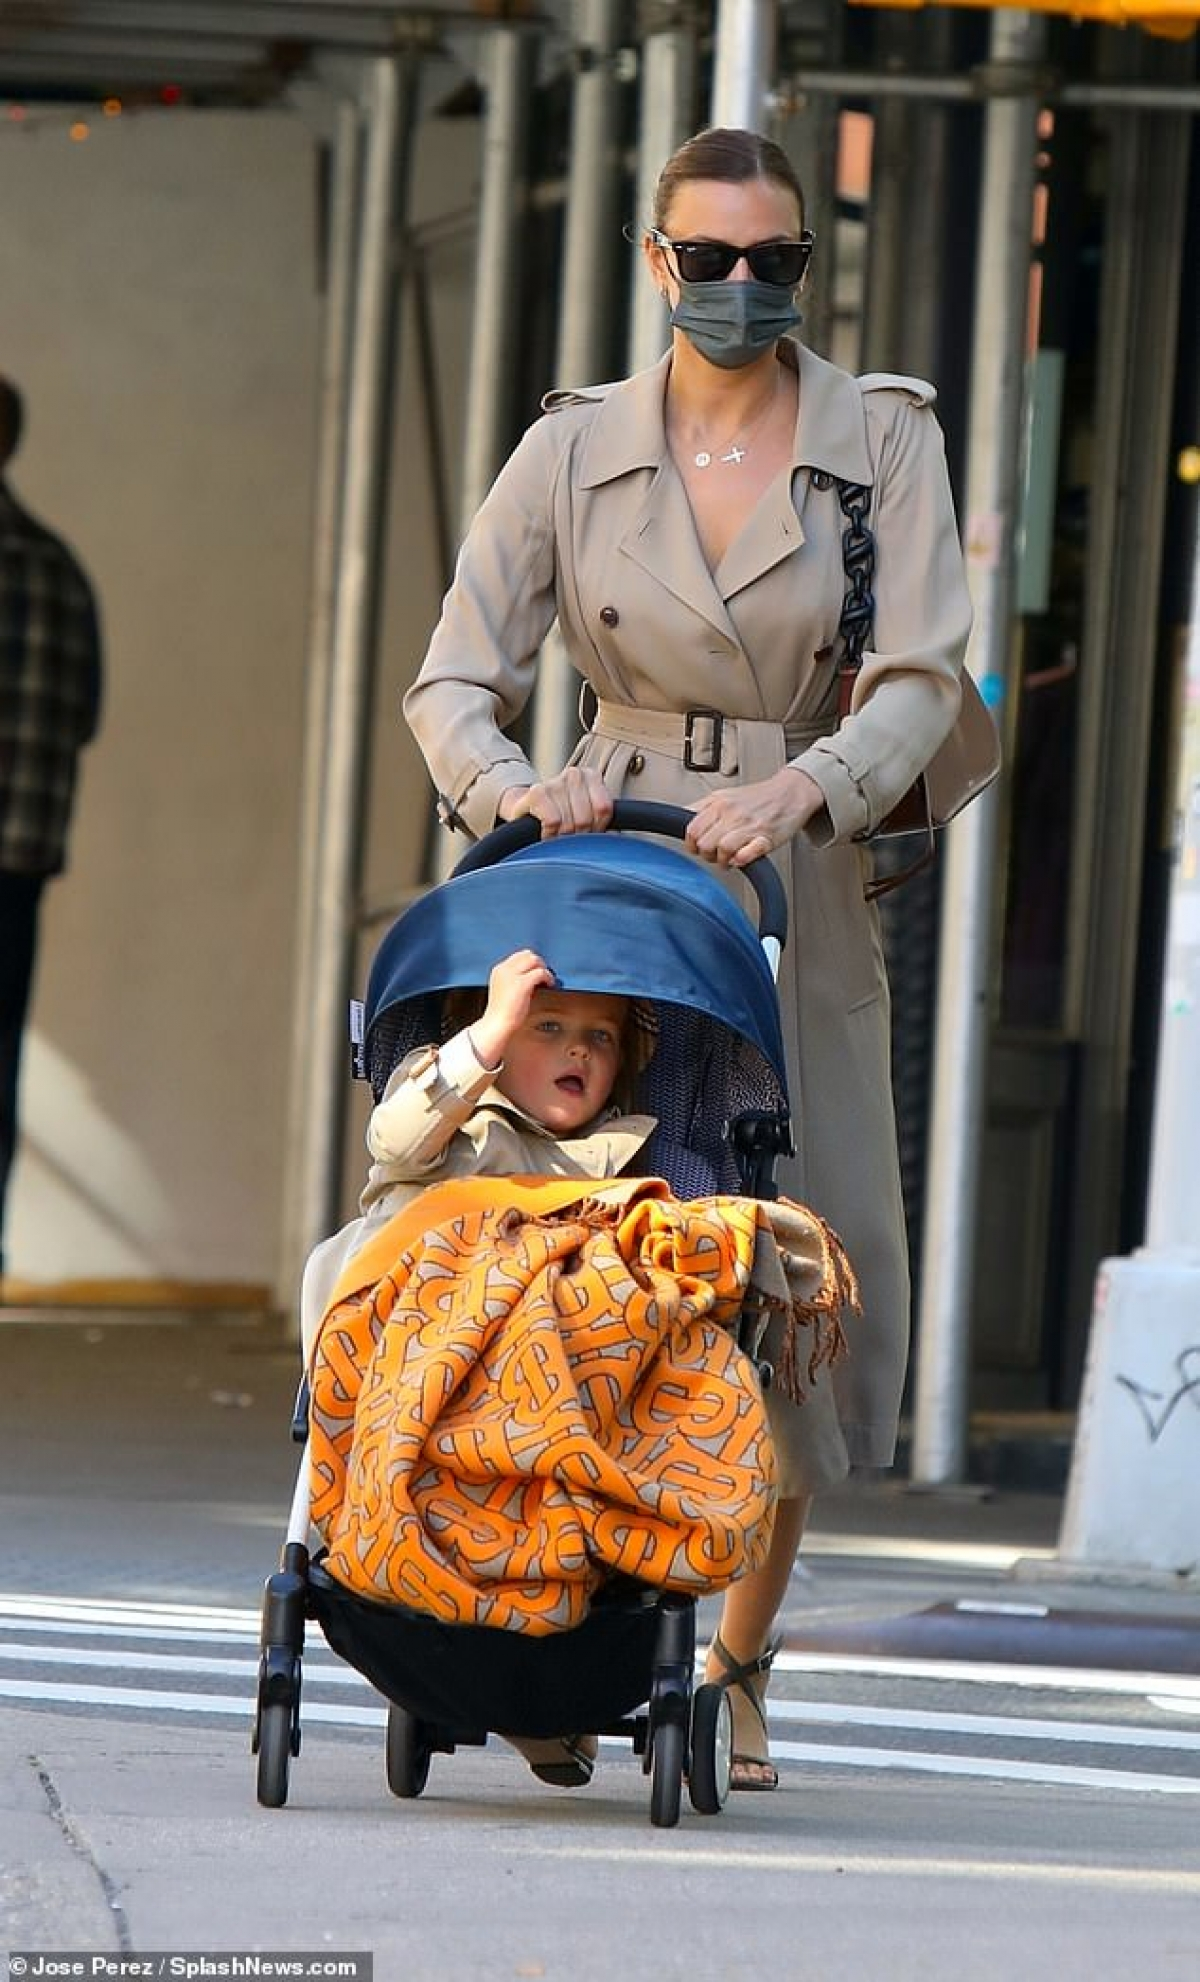 Sau đó, cô bé được mẹ cho ngồi xe đẩy ra phố.